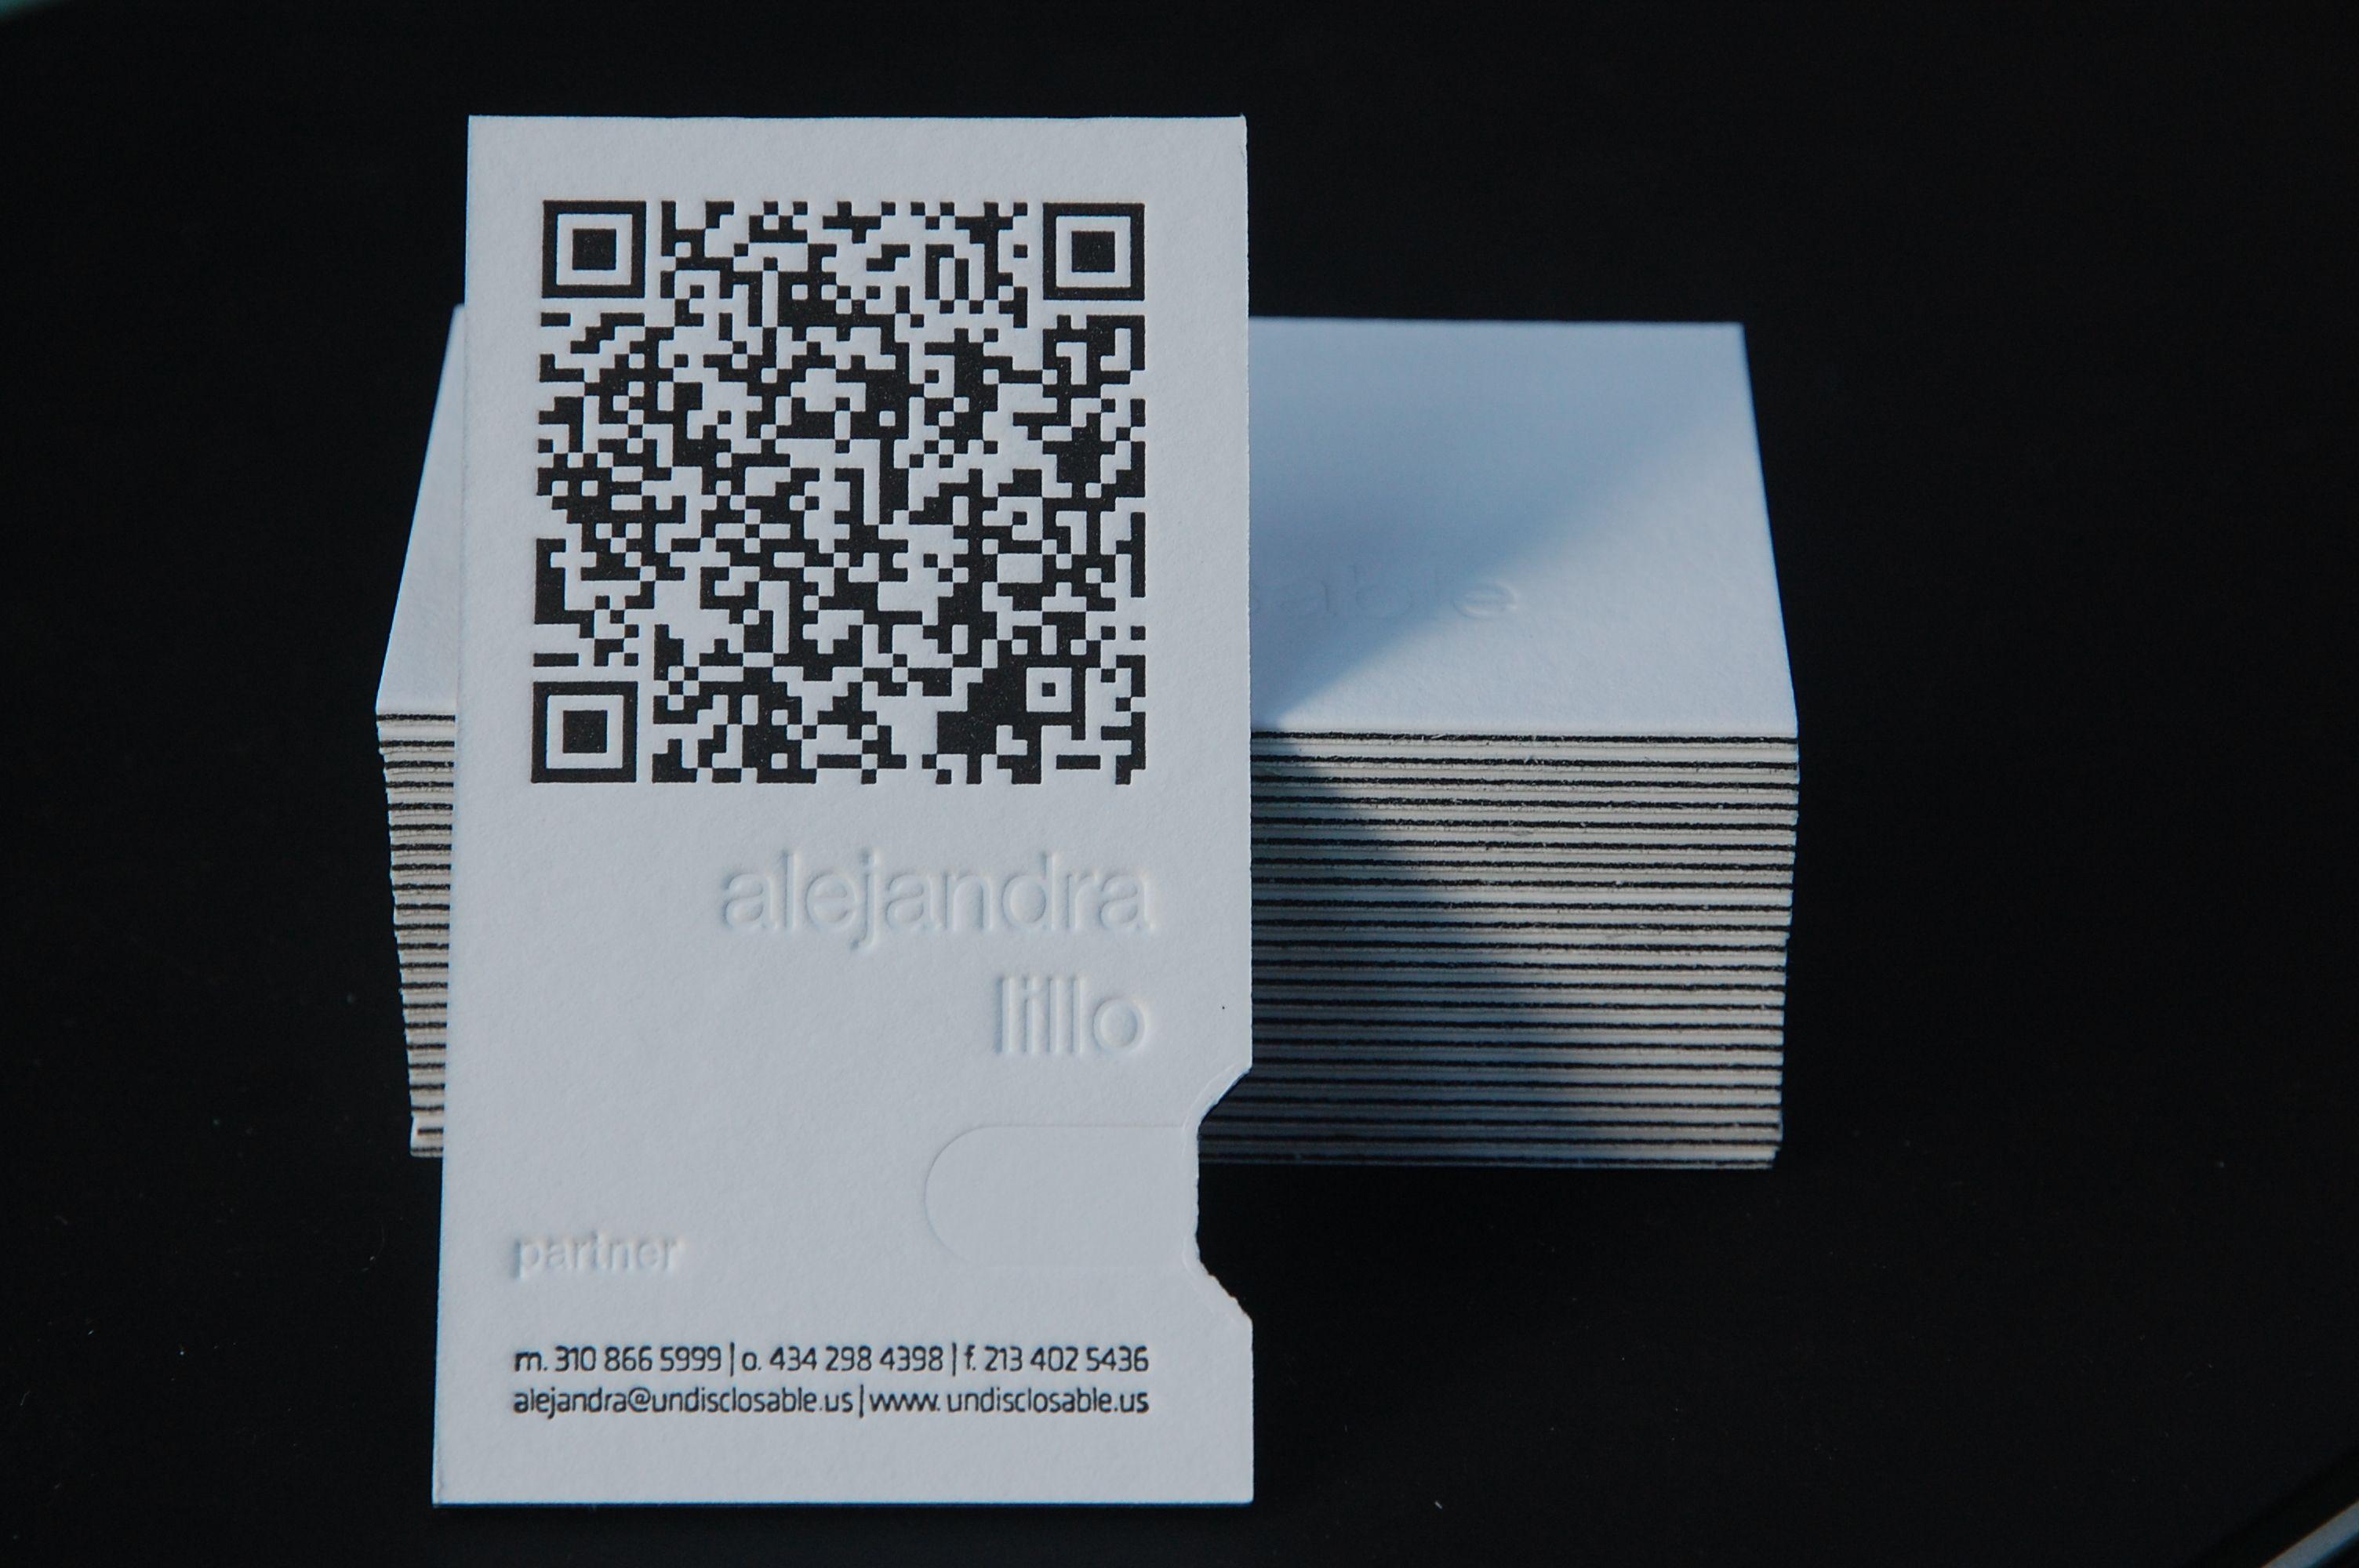 Undisclosable Letterpress Business Card Qr Code